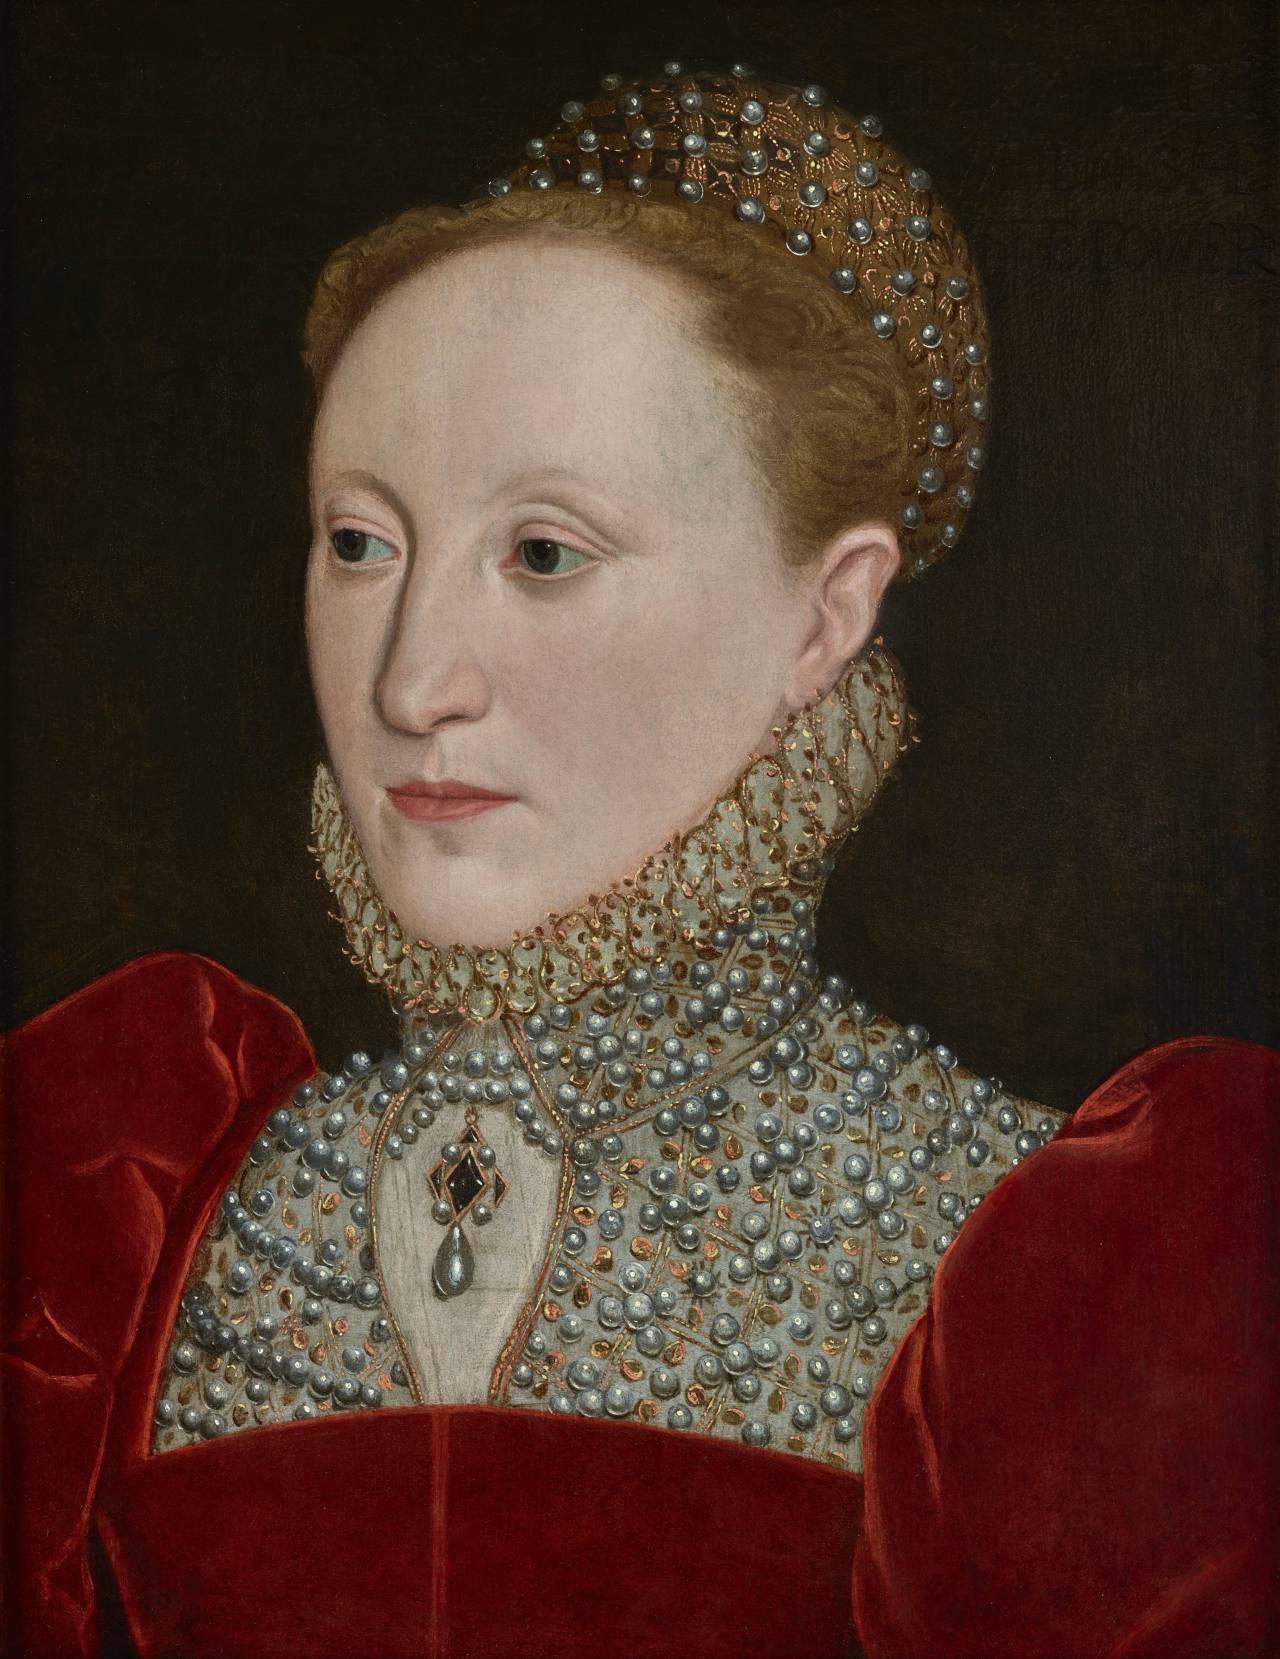 Elizabeth I who visited Kenilworth Castle in 1575